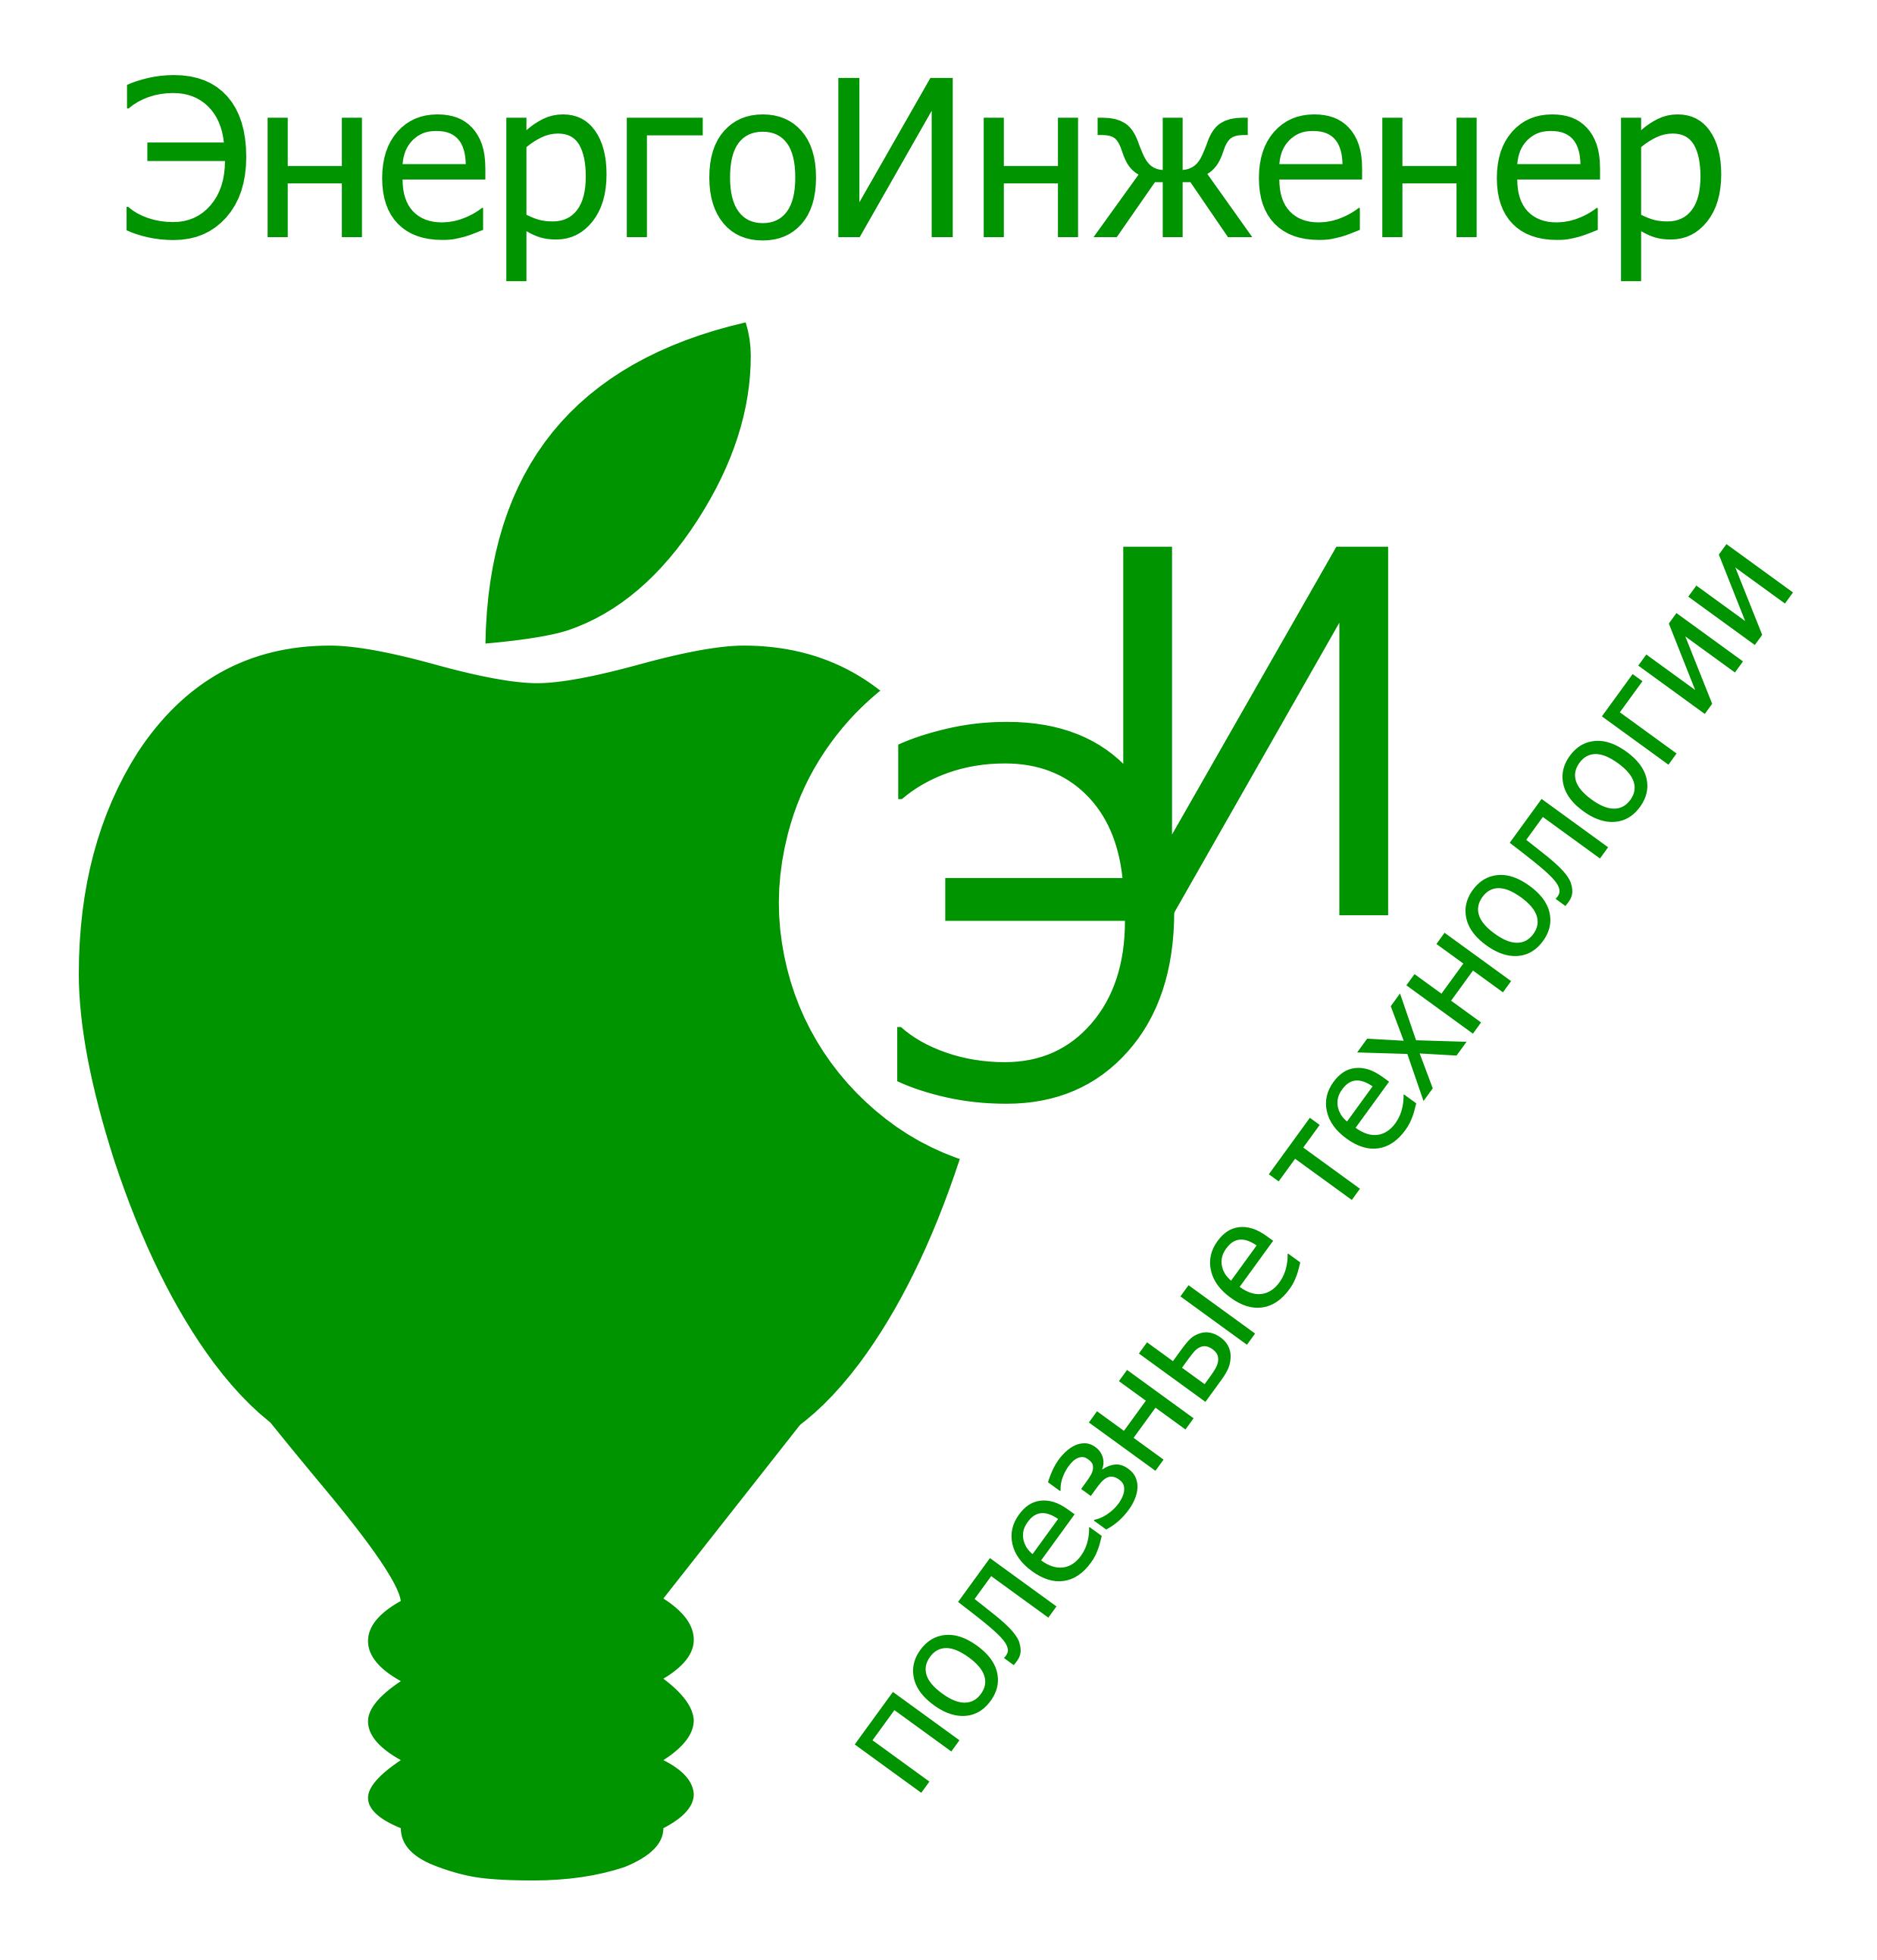 Логотип для инженерной компании фото f_27451cecd97b7169.png